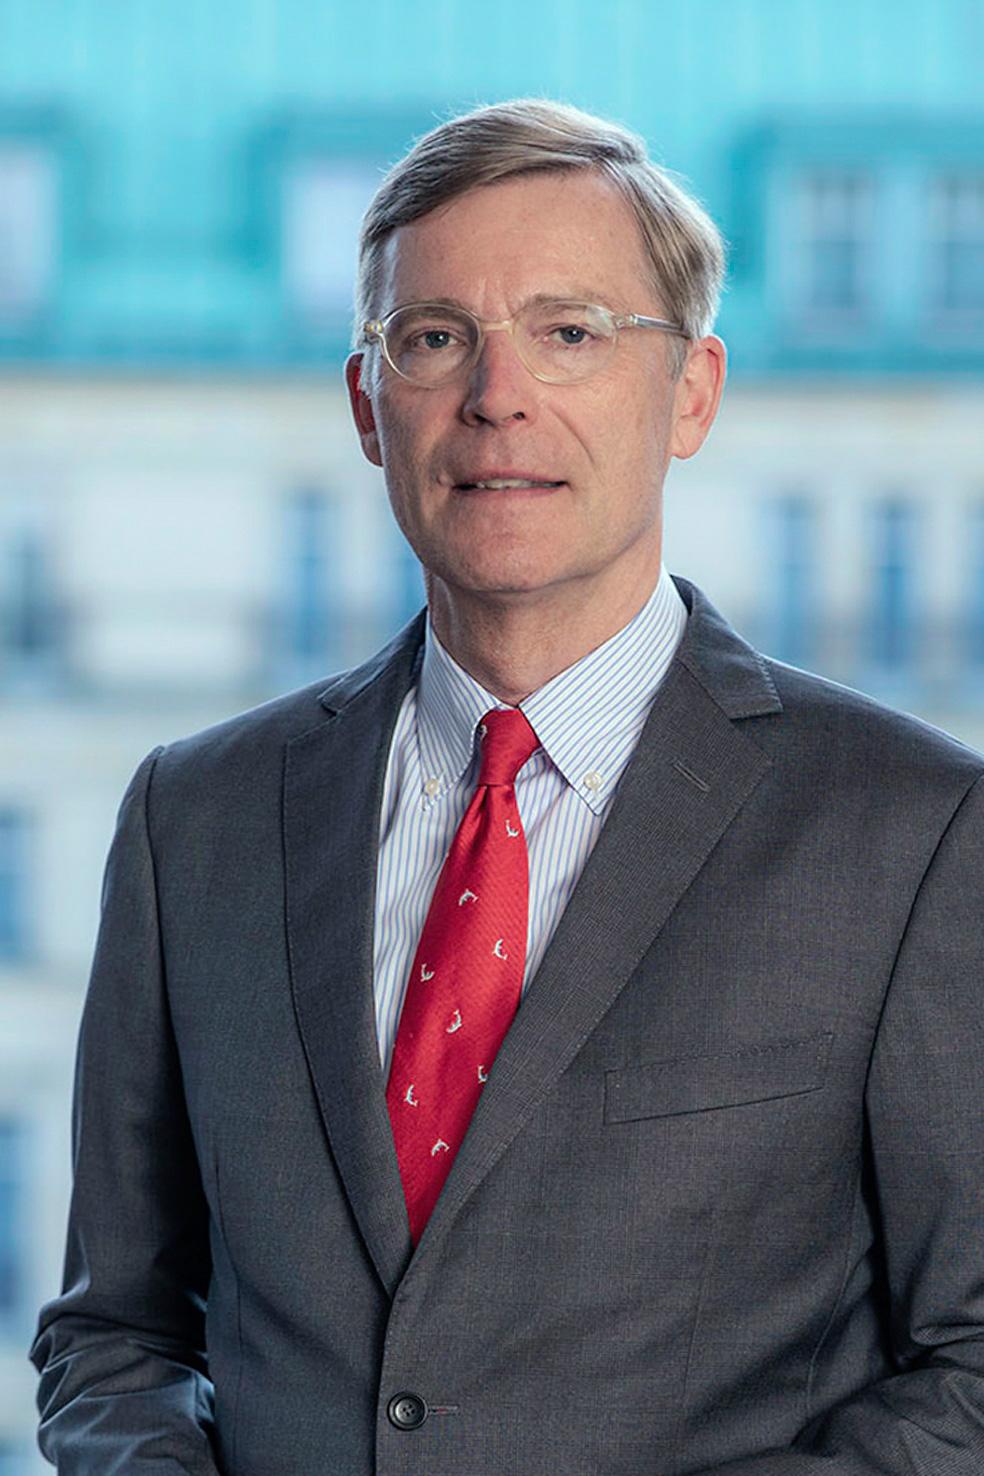 Dr. Hans-Michael Giesen